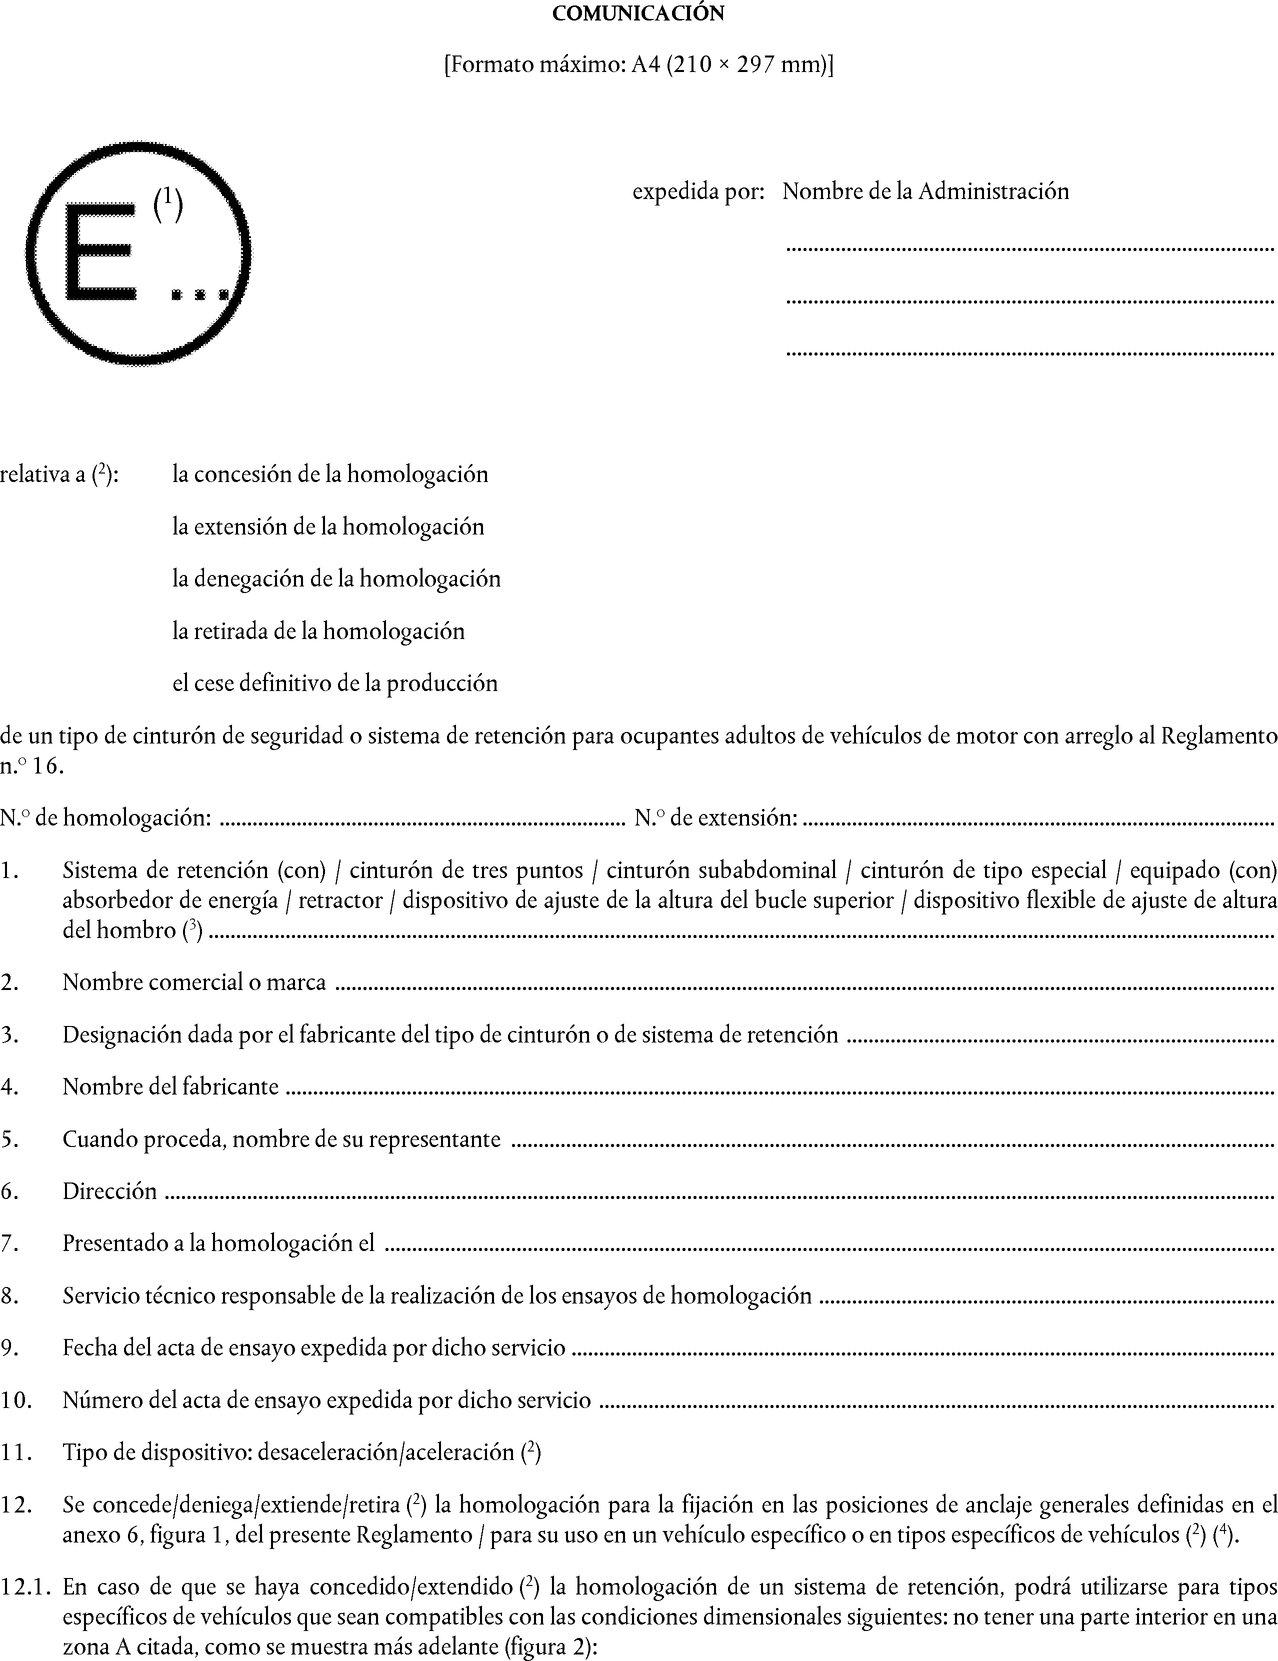 EUR-Lex - L:2018:109:FULL - EN - EUR-Lex